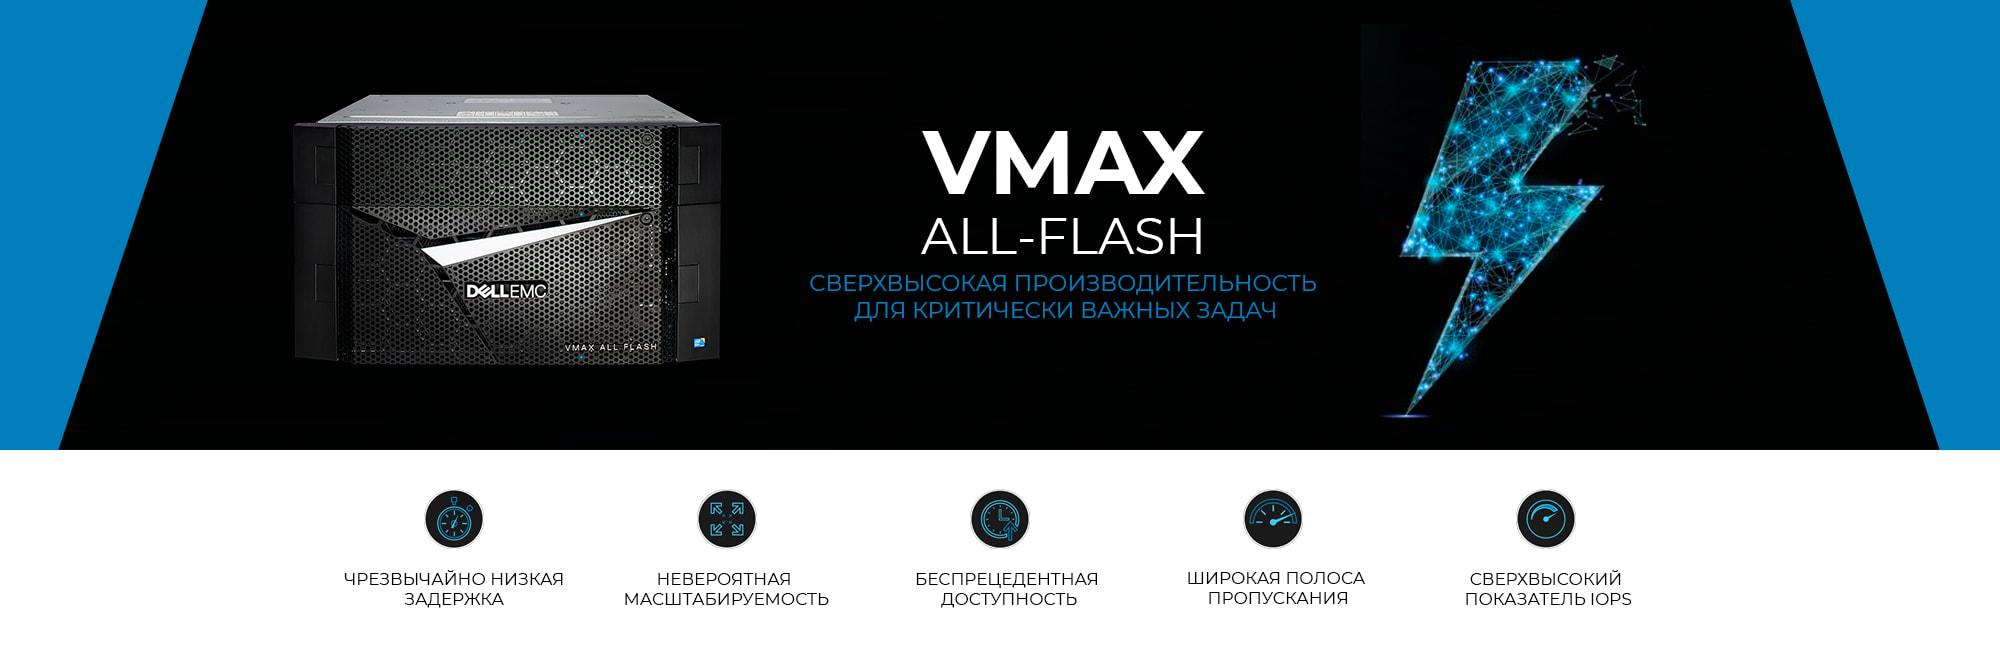 Dell-EMC-VMAX-all-flash